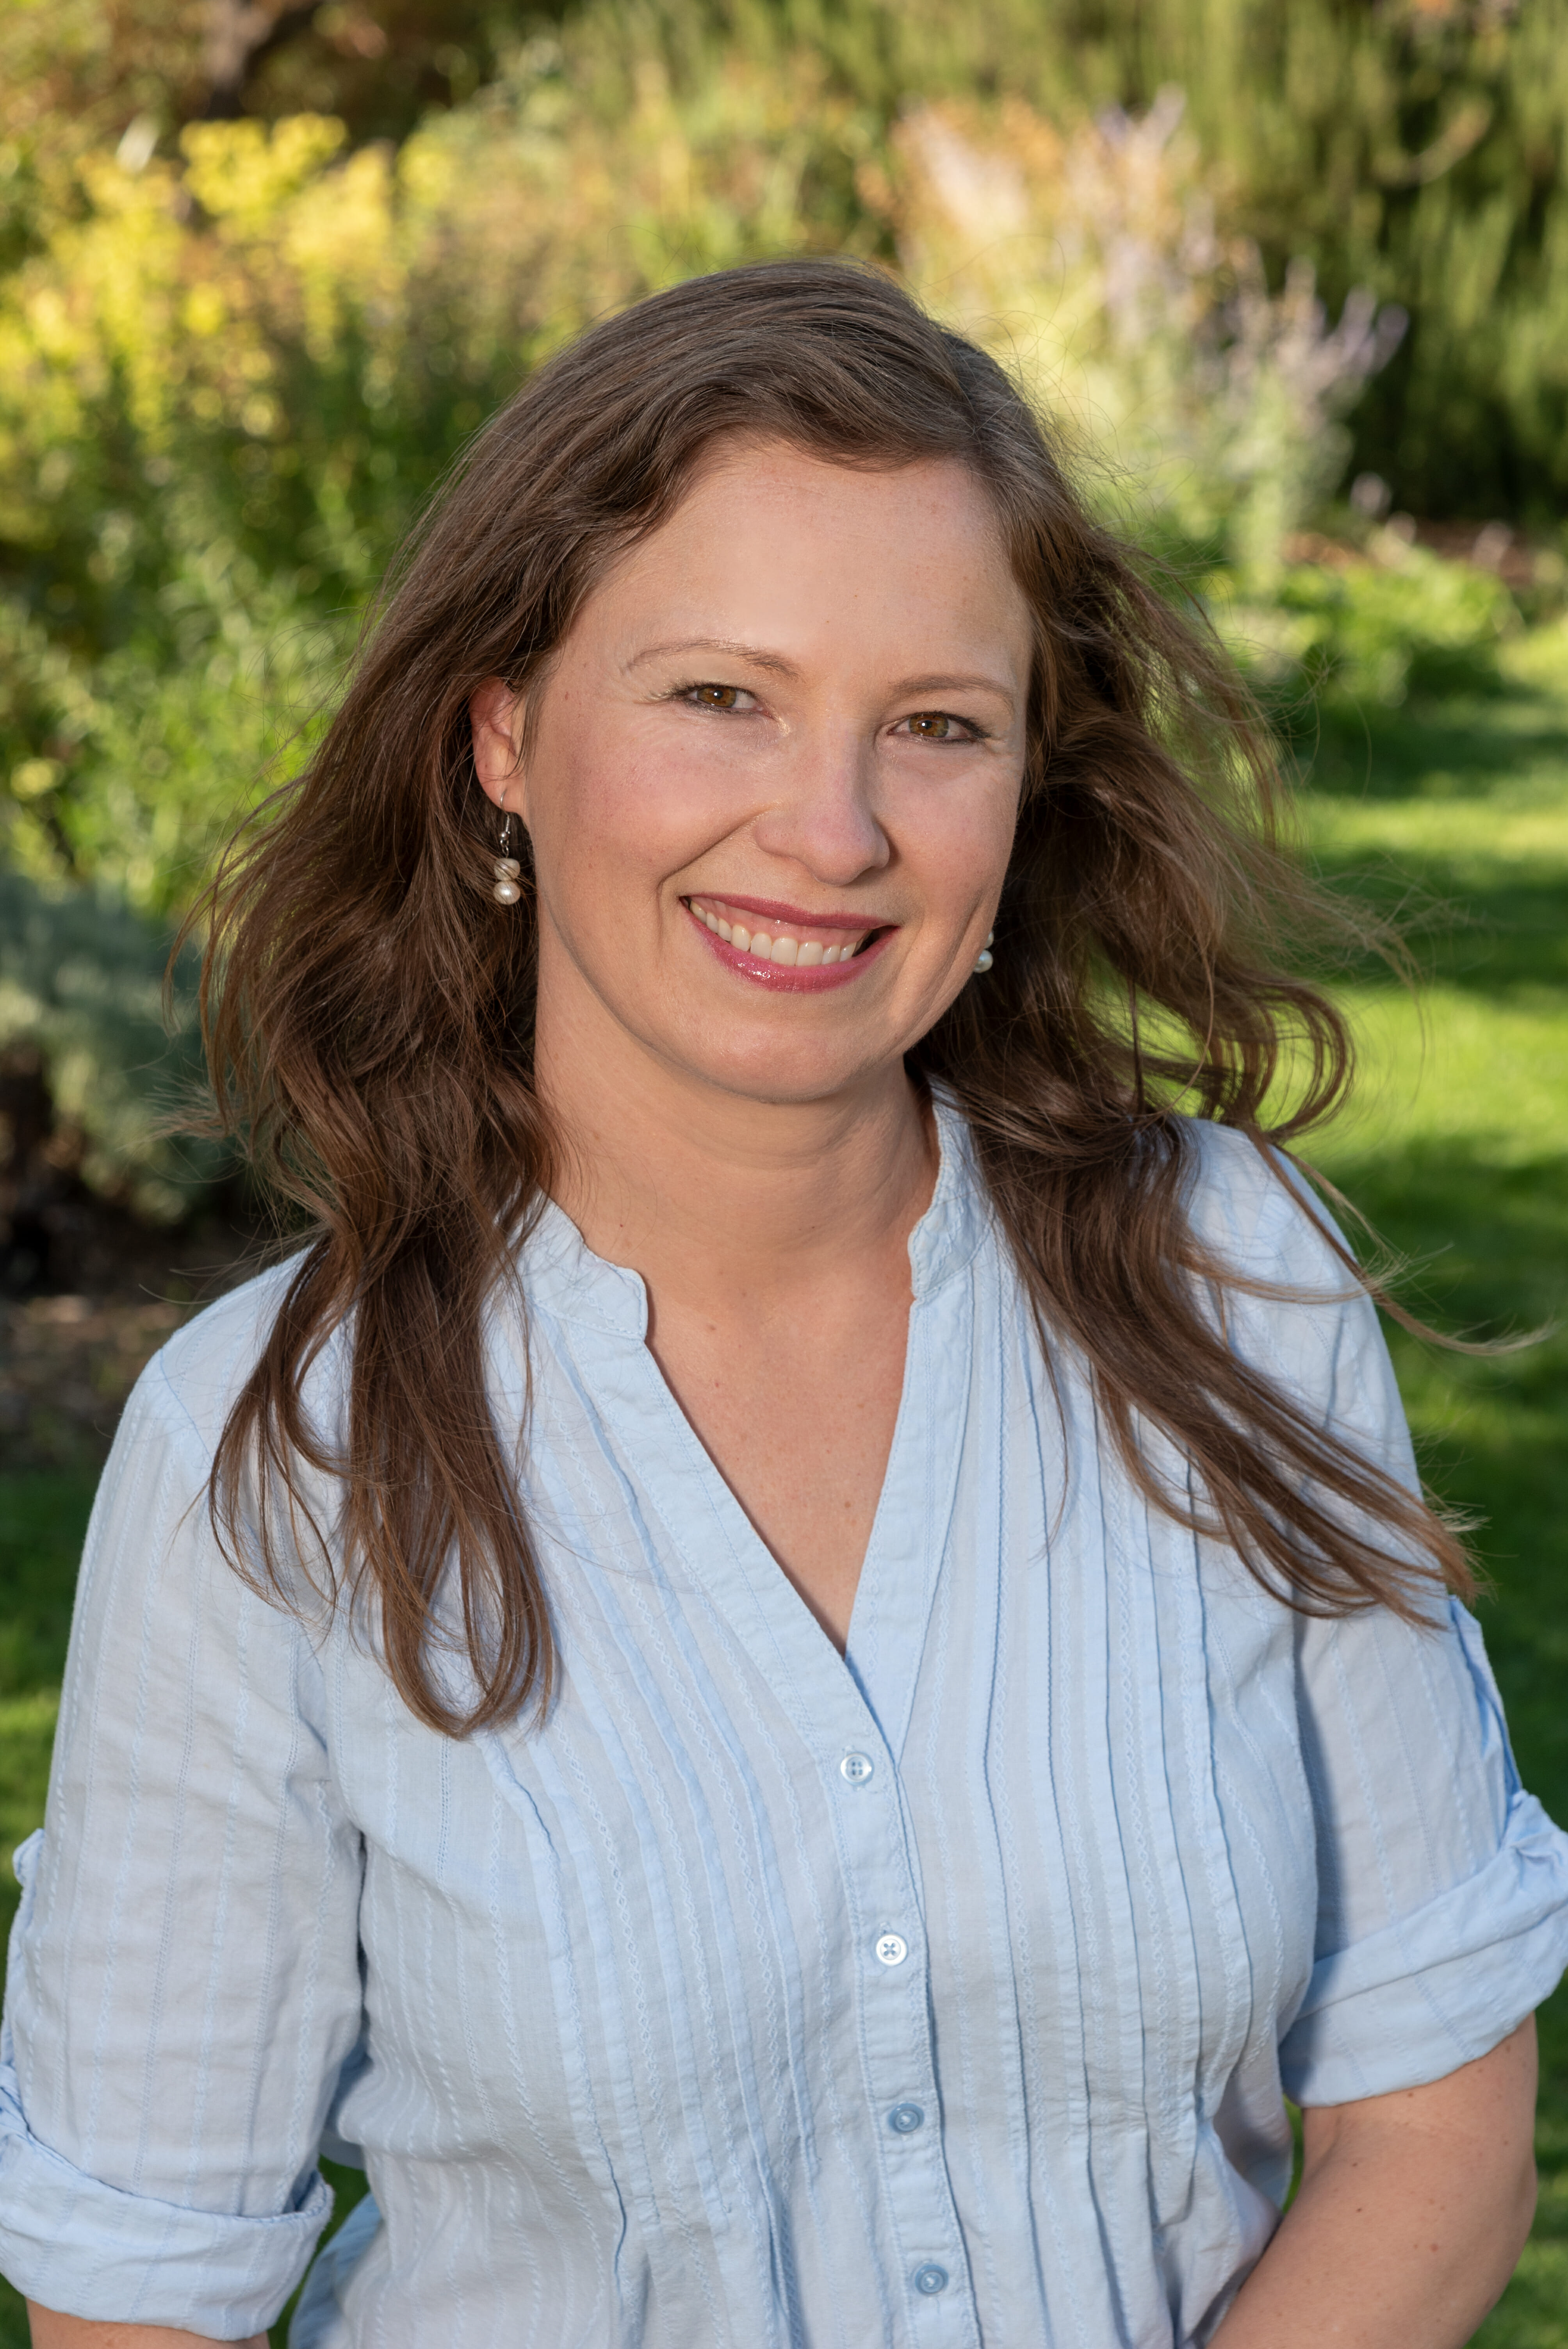 Michelle Katz